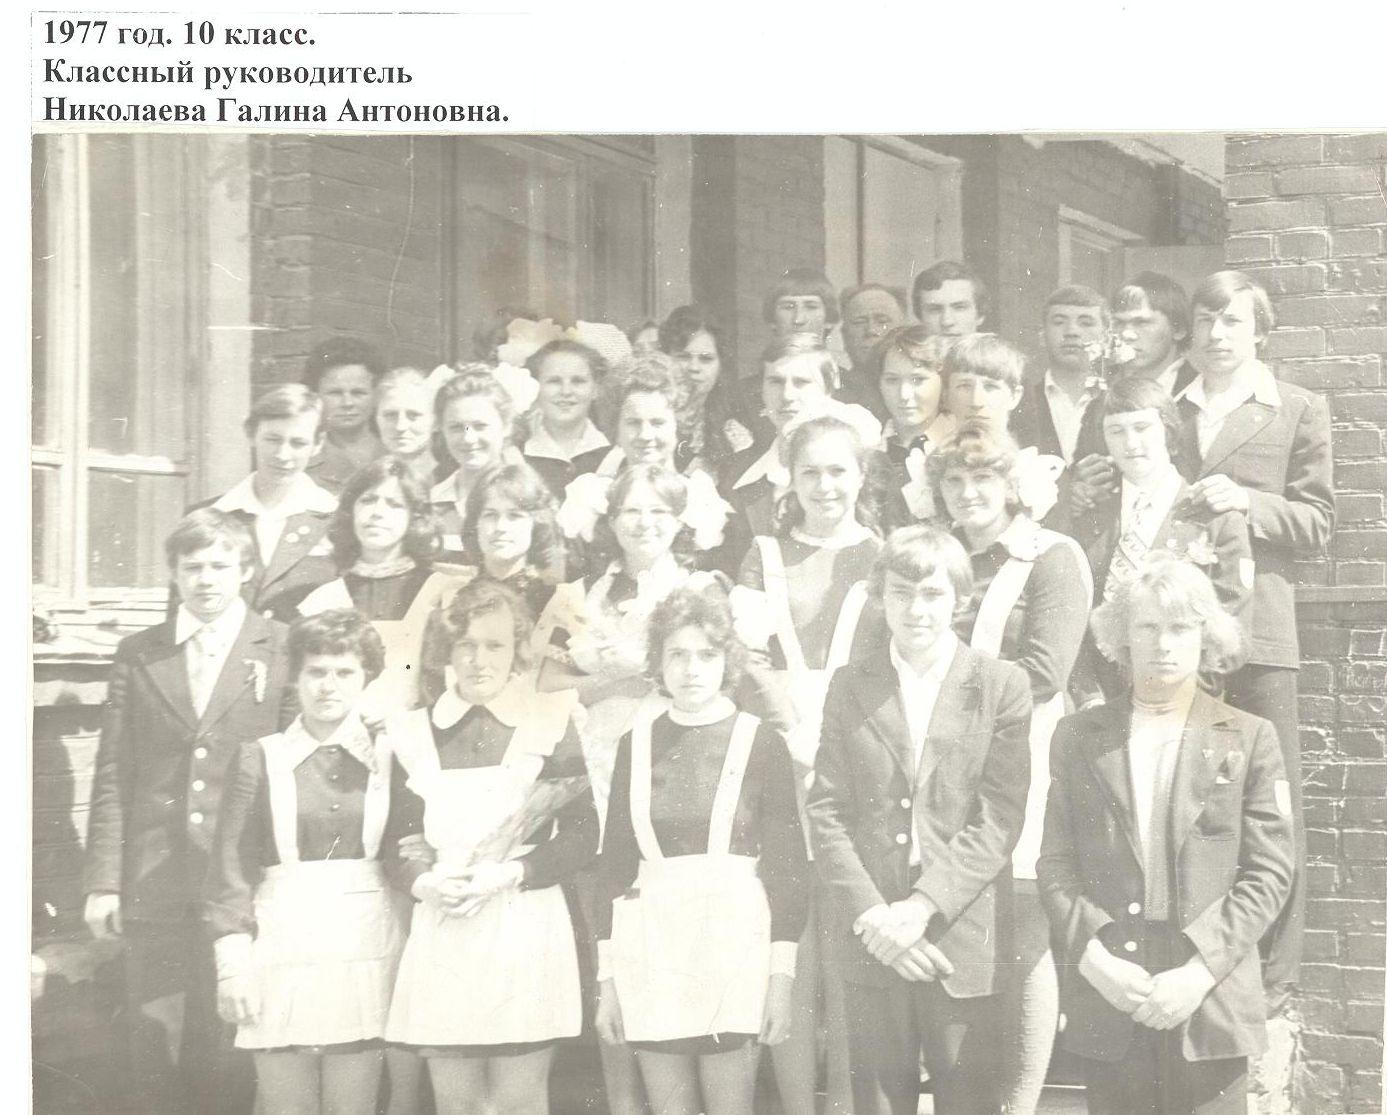 1997 год школа 16 Кемерово